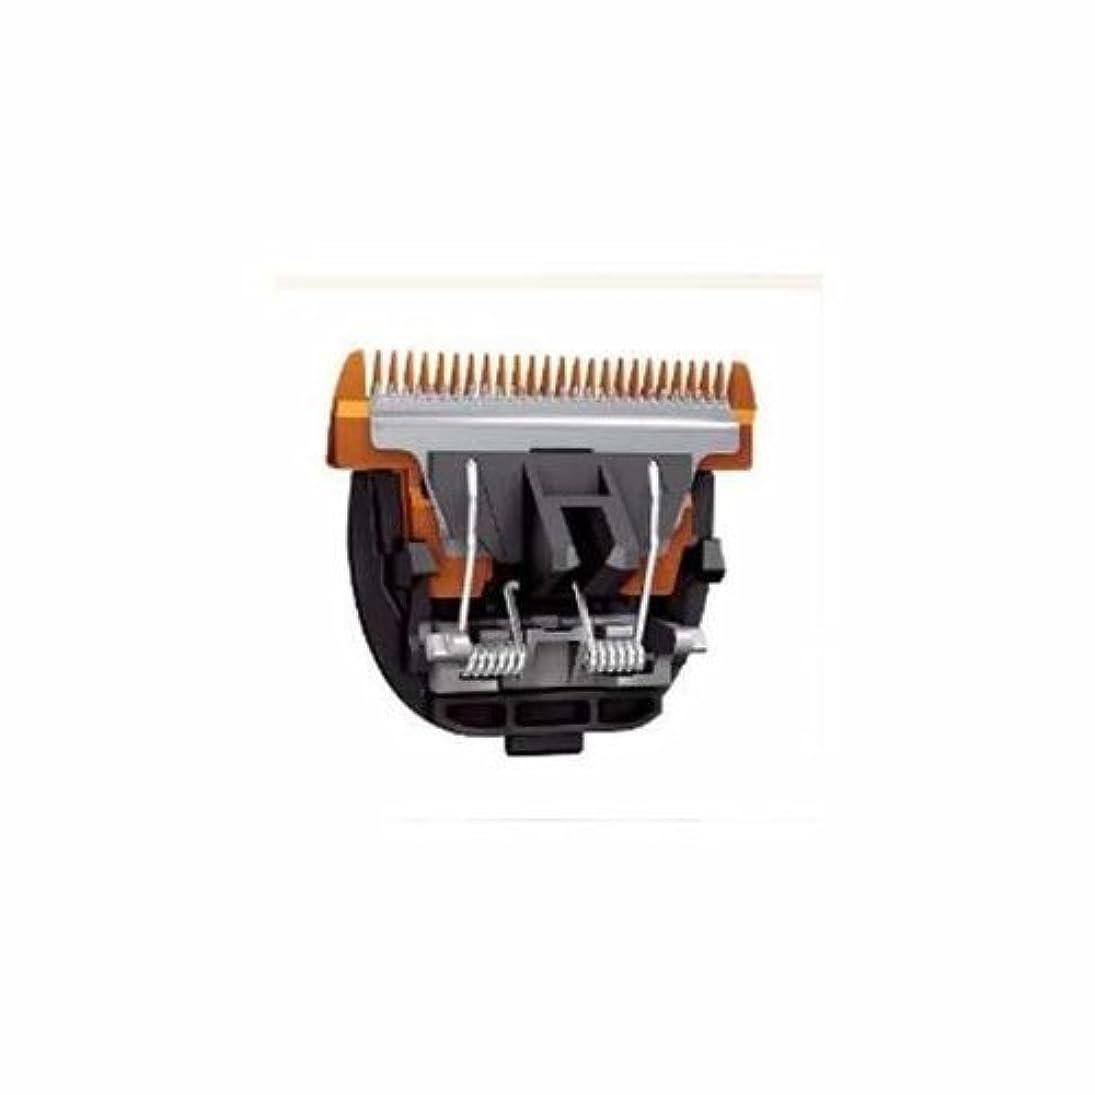 最終クモ落ちたパナソニック プロ バリカン ER1610P-K/ER 1510P-S/ER-GP80用 替刃 ER-9900